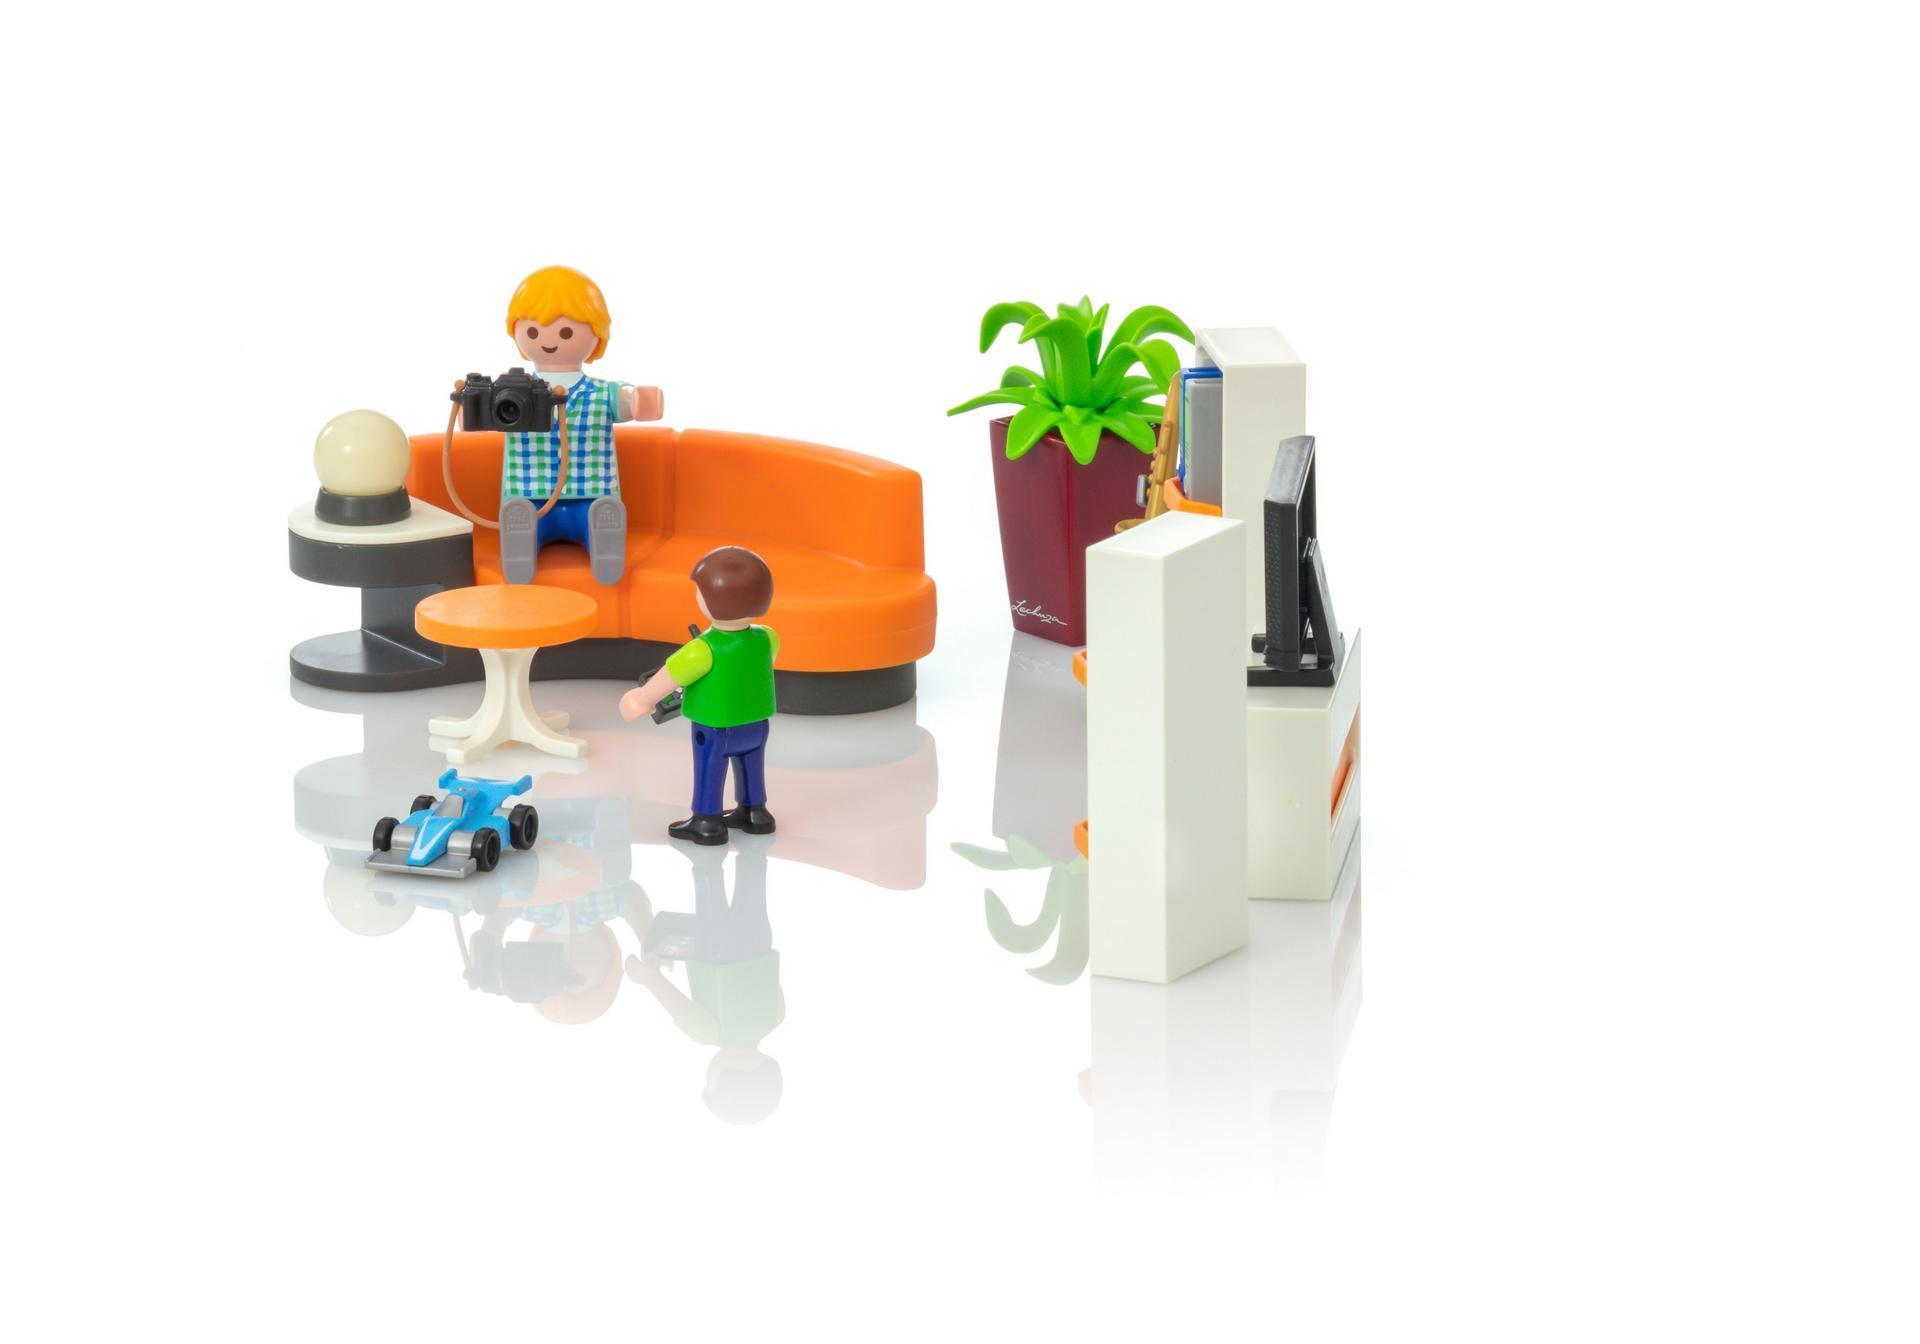 Living Room - 9267 - PLAYMOBIL® USA